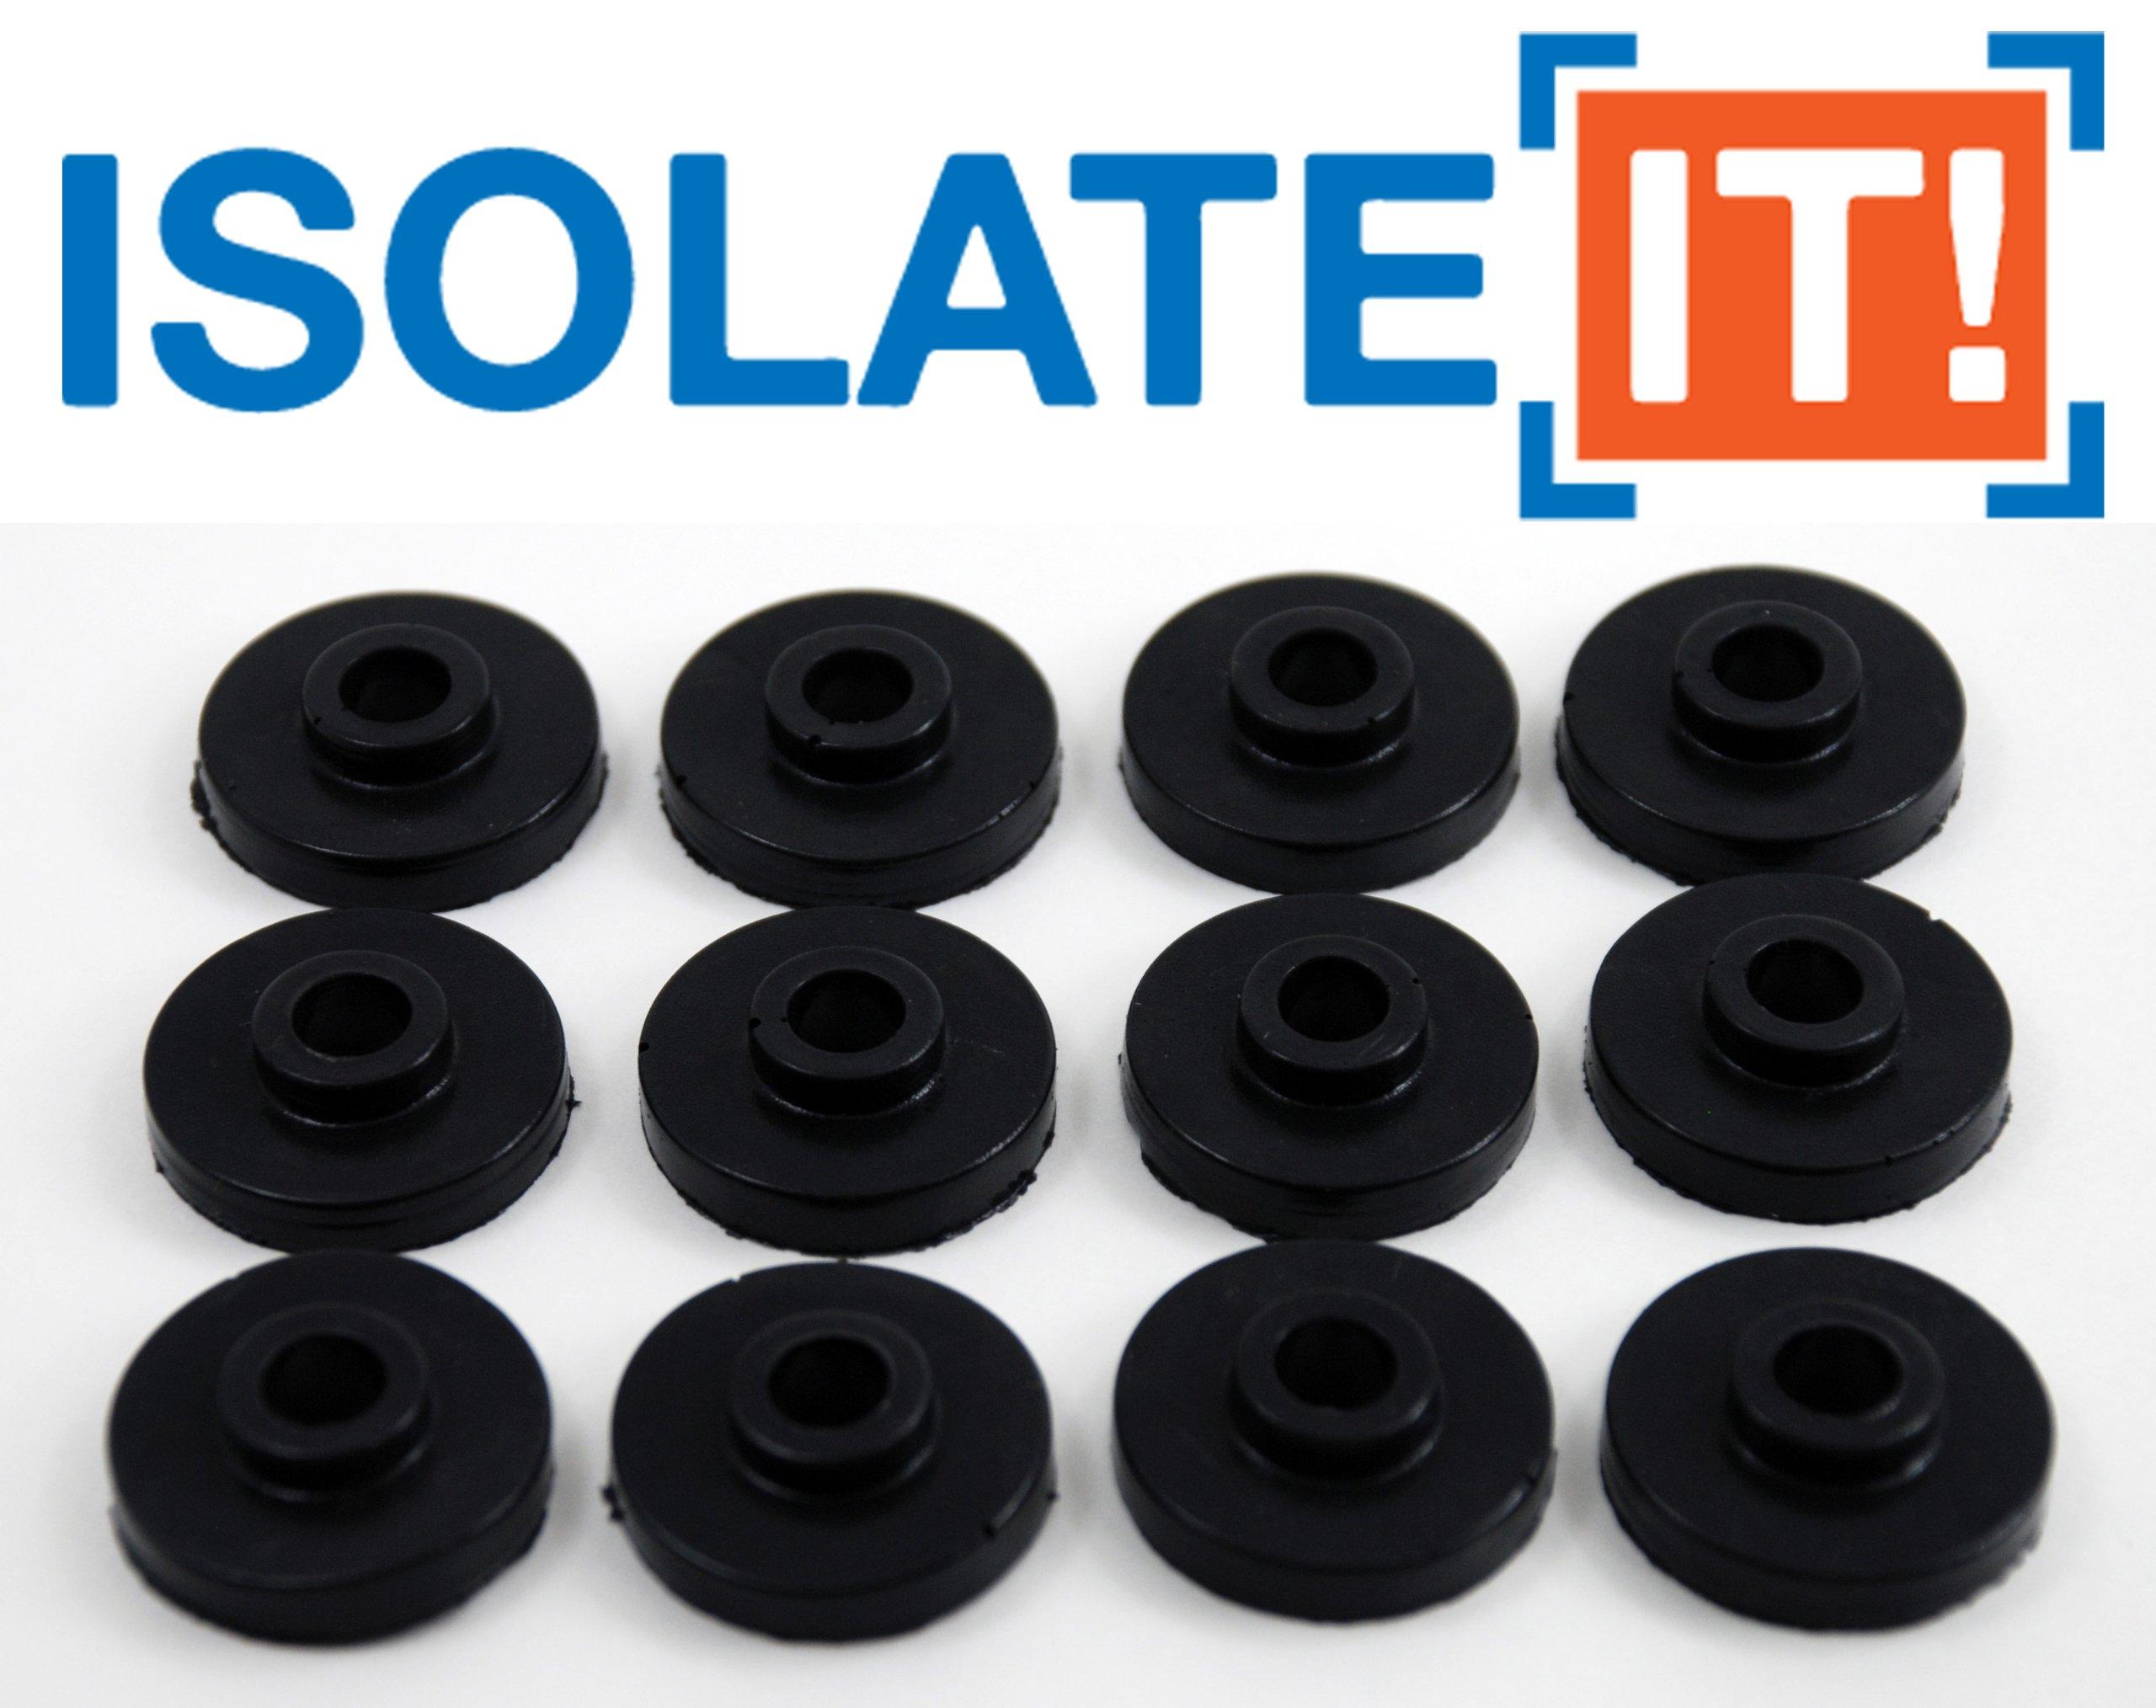 Isolate It: Sorbothane Vibration Isolation Bushing 30 Duro (.28'' ID - 1'' OD - .31'' Deep) - 12 Pack